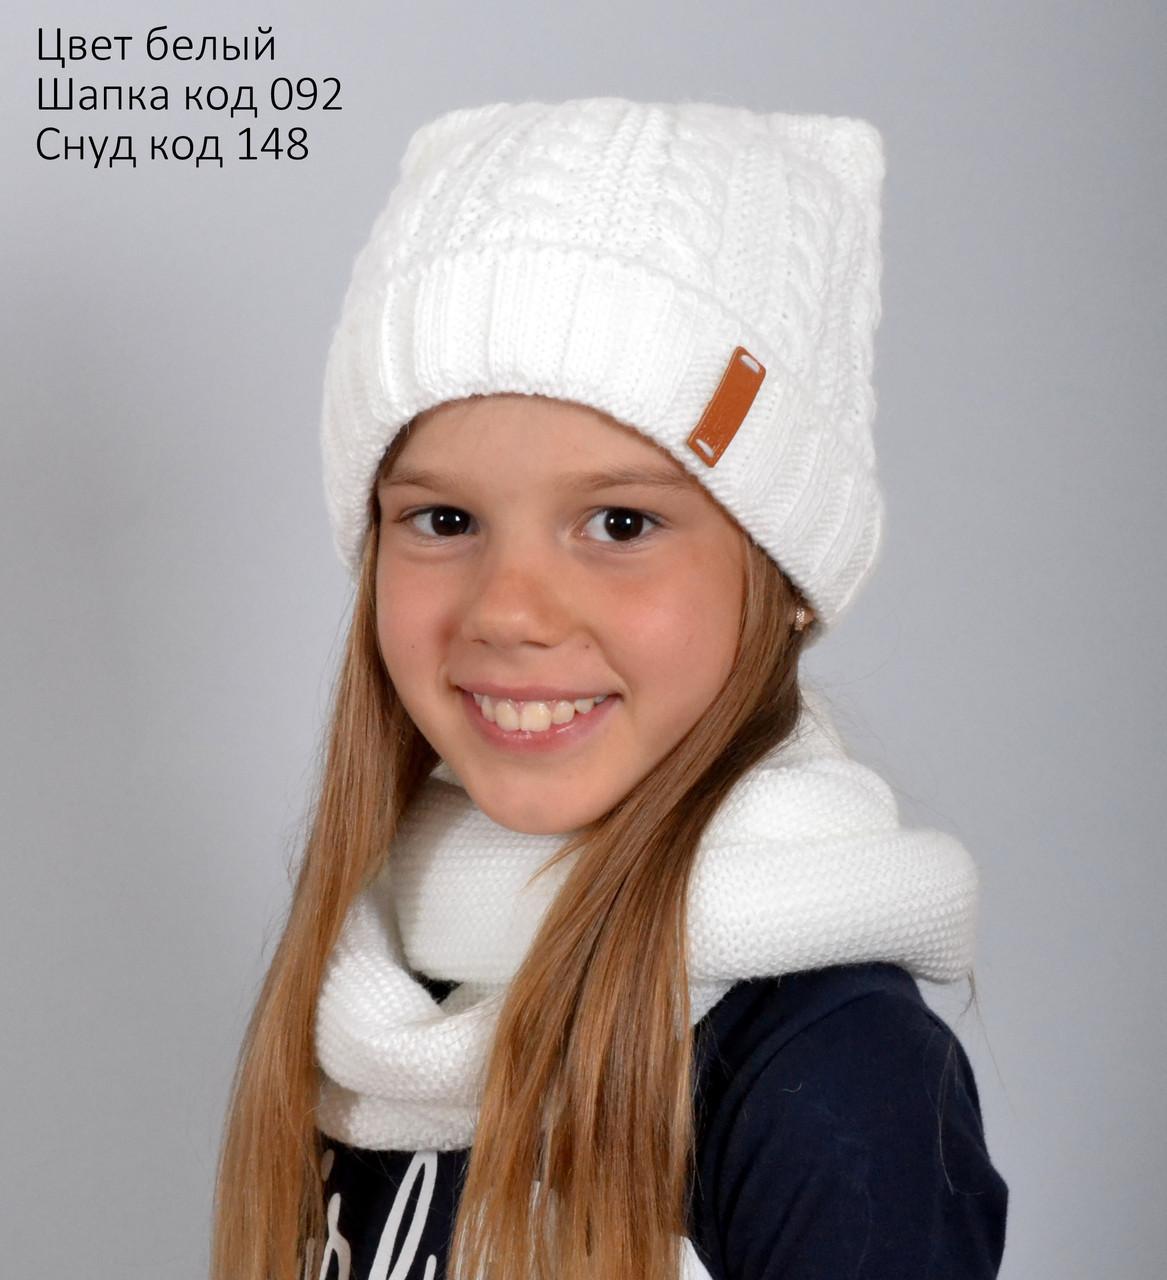 Шапка с ушками для девочки (образец)